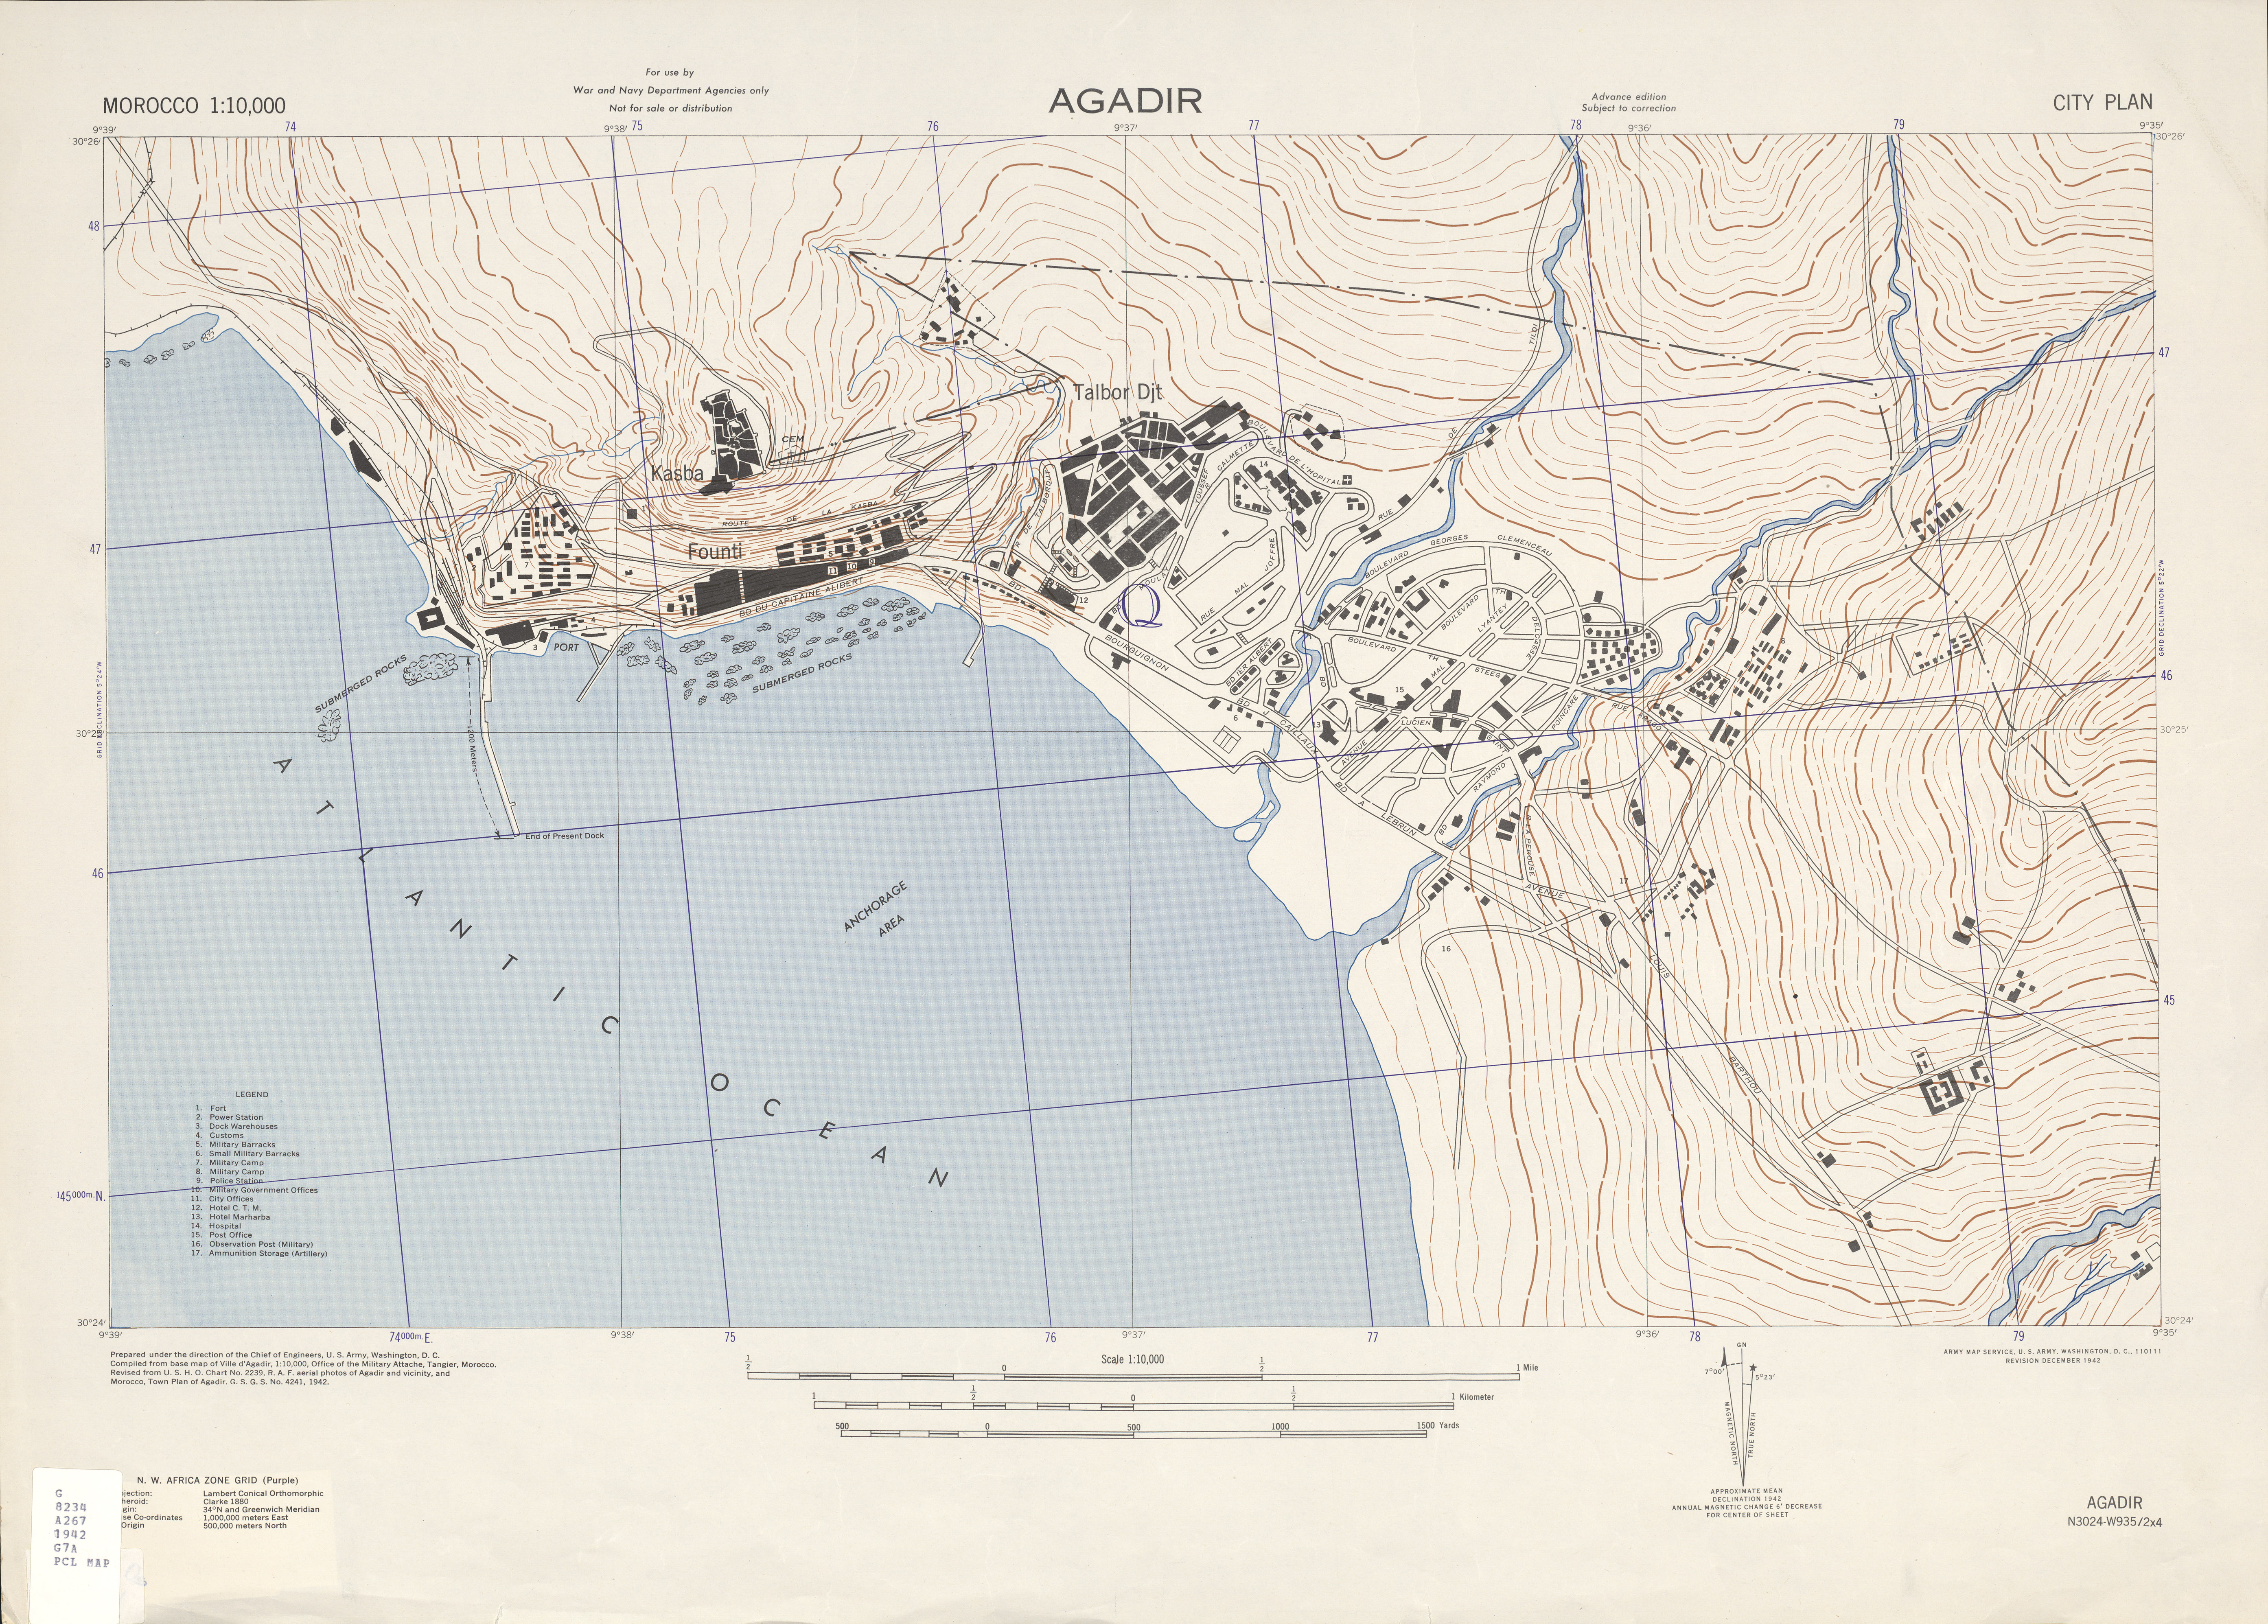 Agadir City Map, Morocco 1942